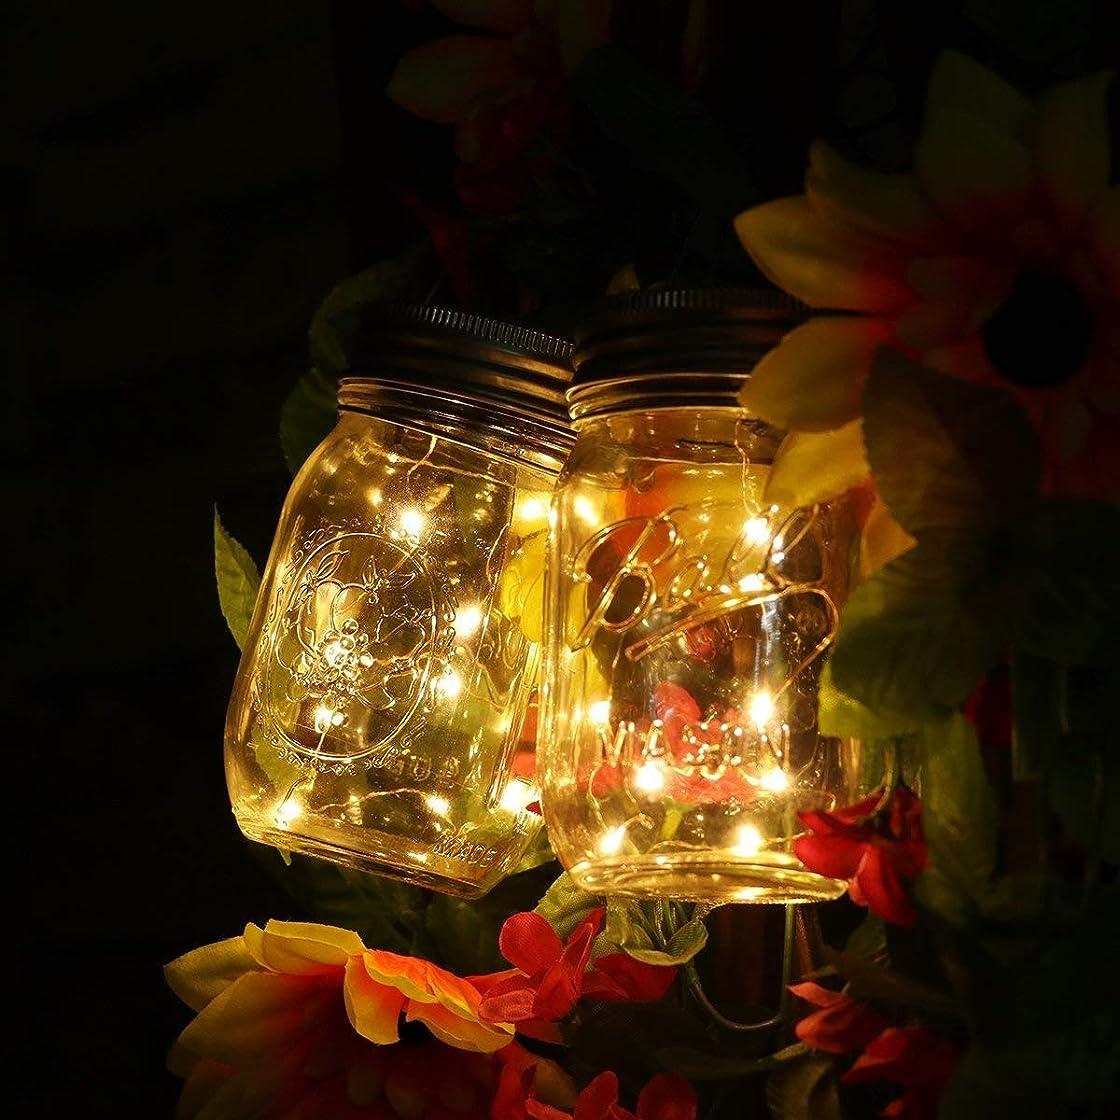 誰も持ってるはっきりしないソーラーメイソンジャーライト屋外吊り下げライトソーラーランタン ガーデンライト ソーラーライト 庭園灯 LEDランタン ジャーライト暖かい白防水ソーラーランタン用ガーデンパティオ屋外装飾(2パック)